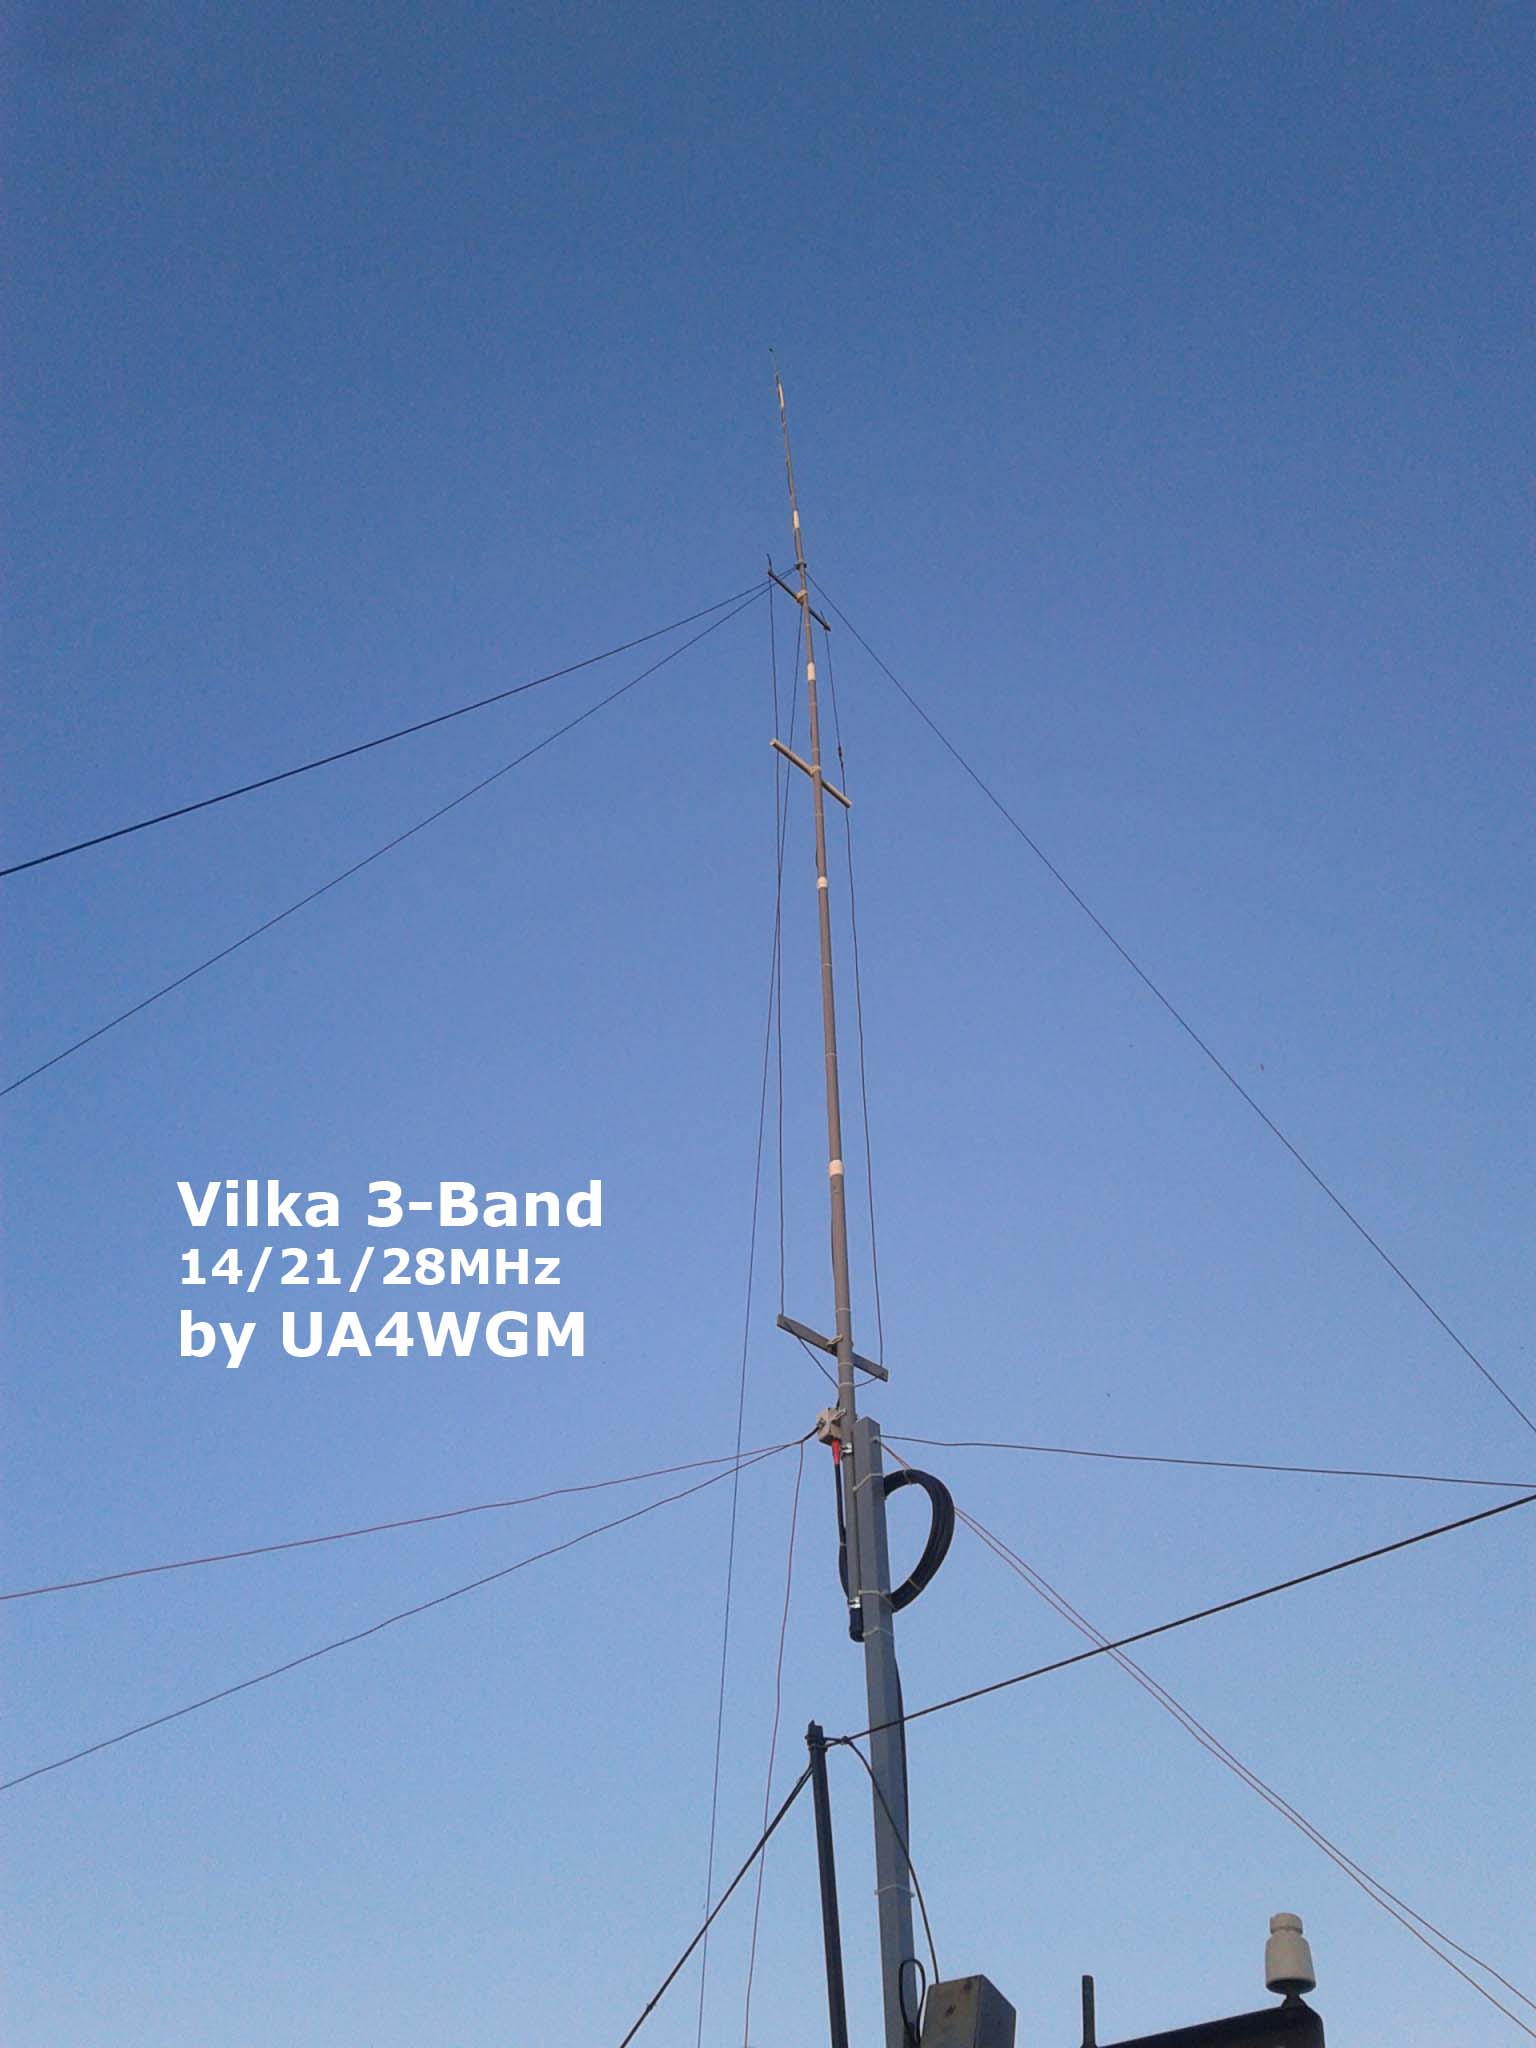 Нажмите на изображение для увеличения.  Название:UA4WGM_Vilka_3-band_01.jpg Просмотров:5865 Размер:128.2 Кб ID:118516